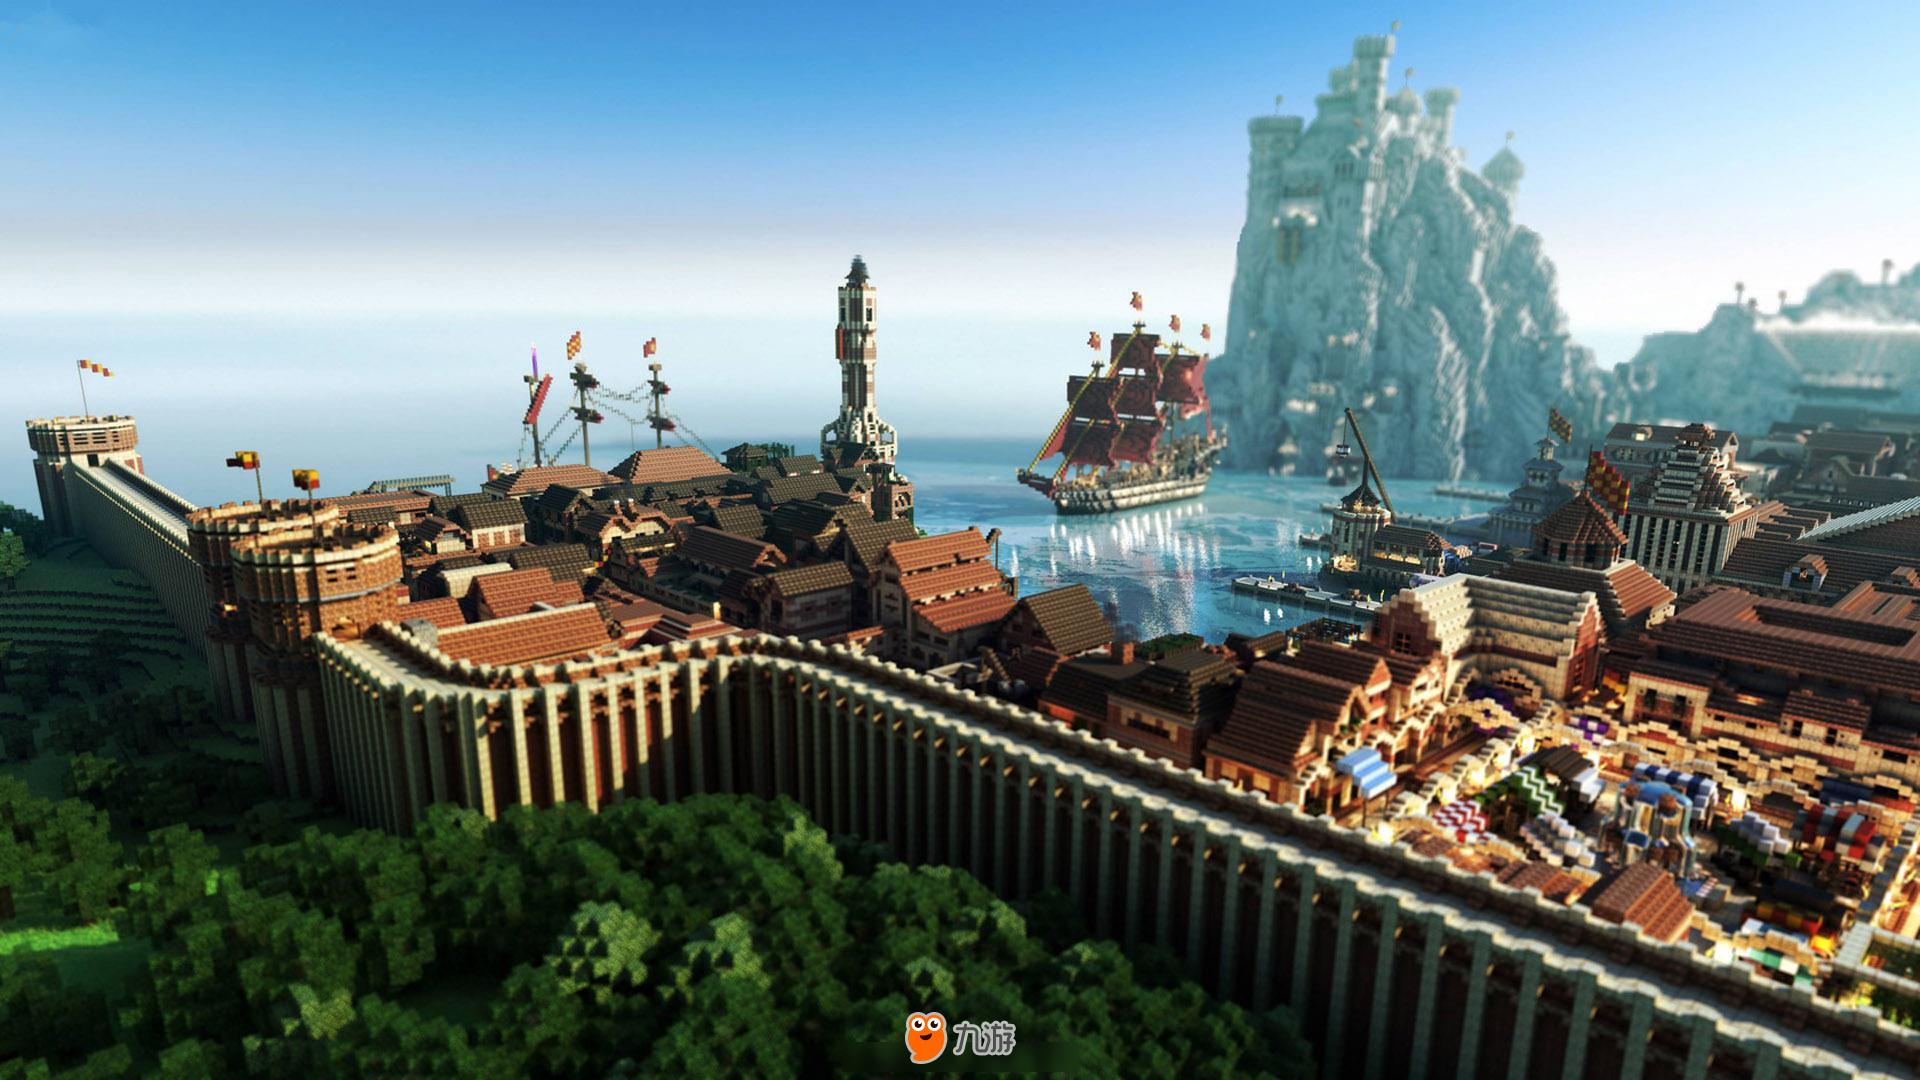 我的世界精美图片 我的世界高清壁纸_九游手机游戏